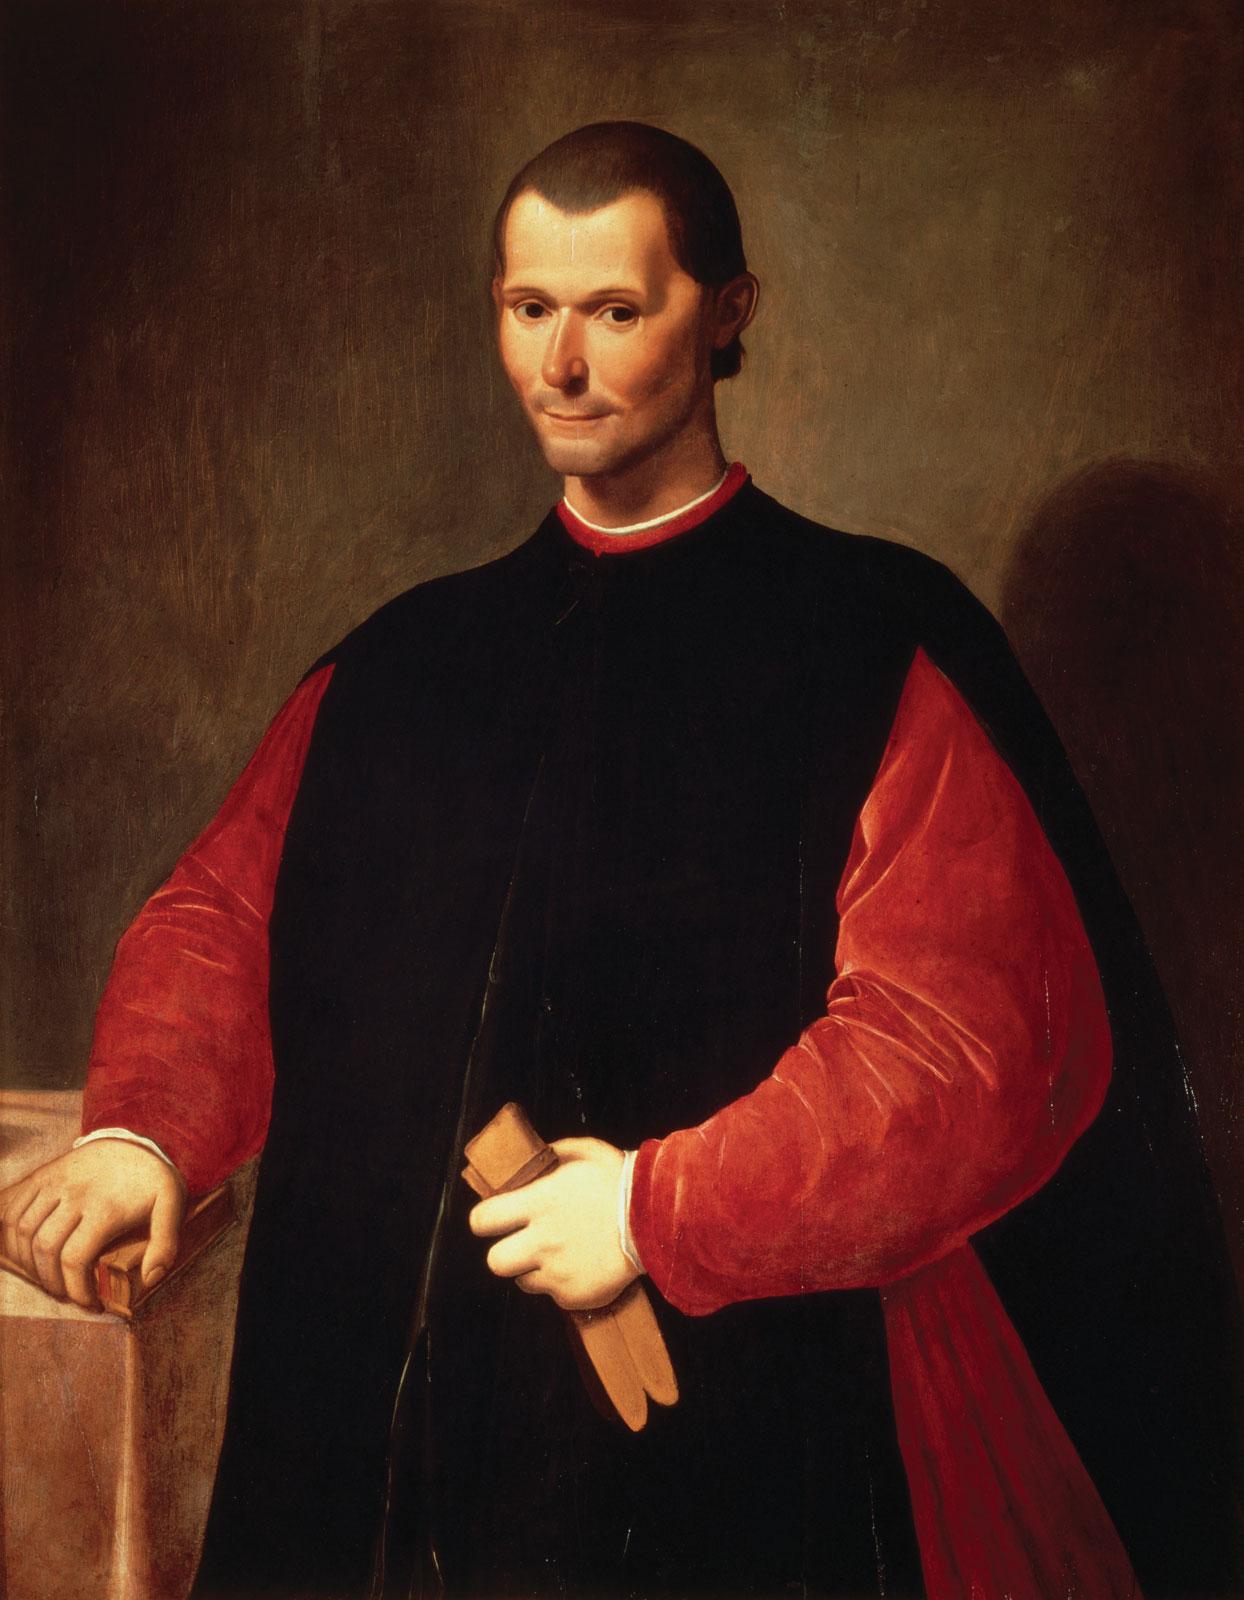 1. Portrait_of_Niccolò_Machiavelli_by_Santi_di_Tito